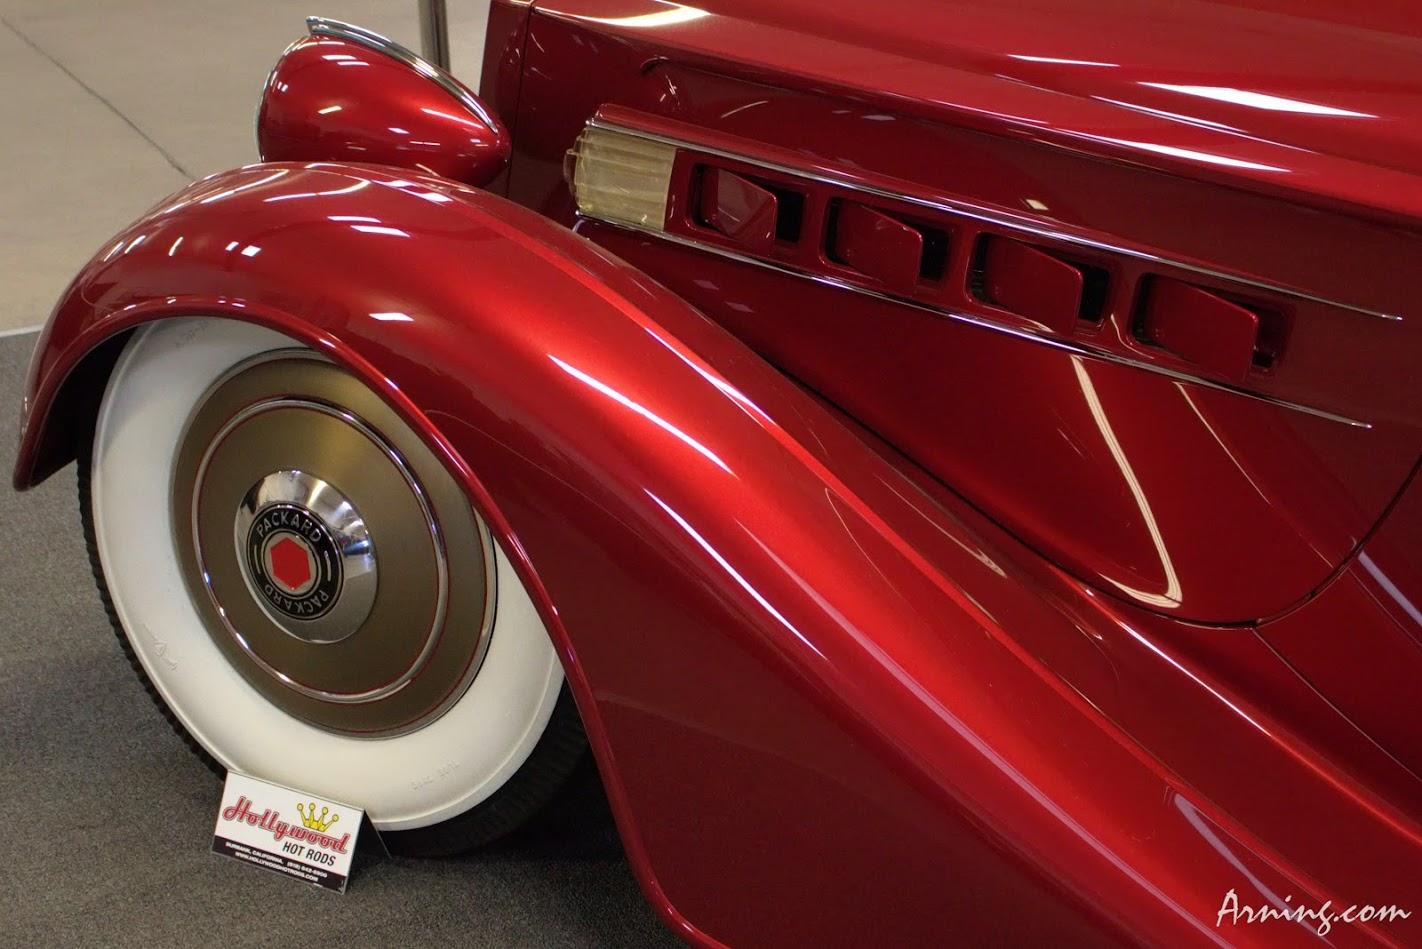 Supernationals Custom Auto Show